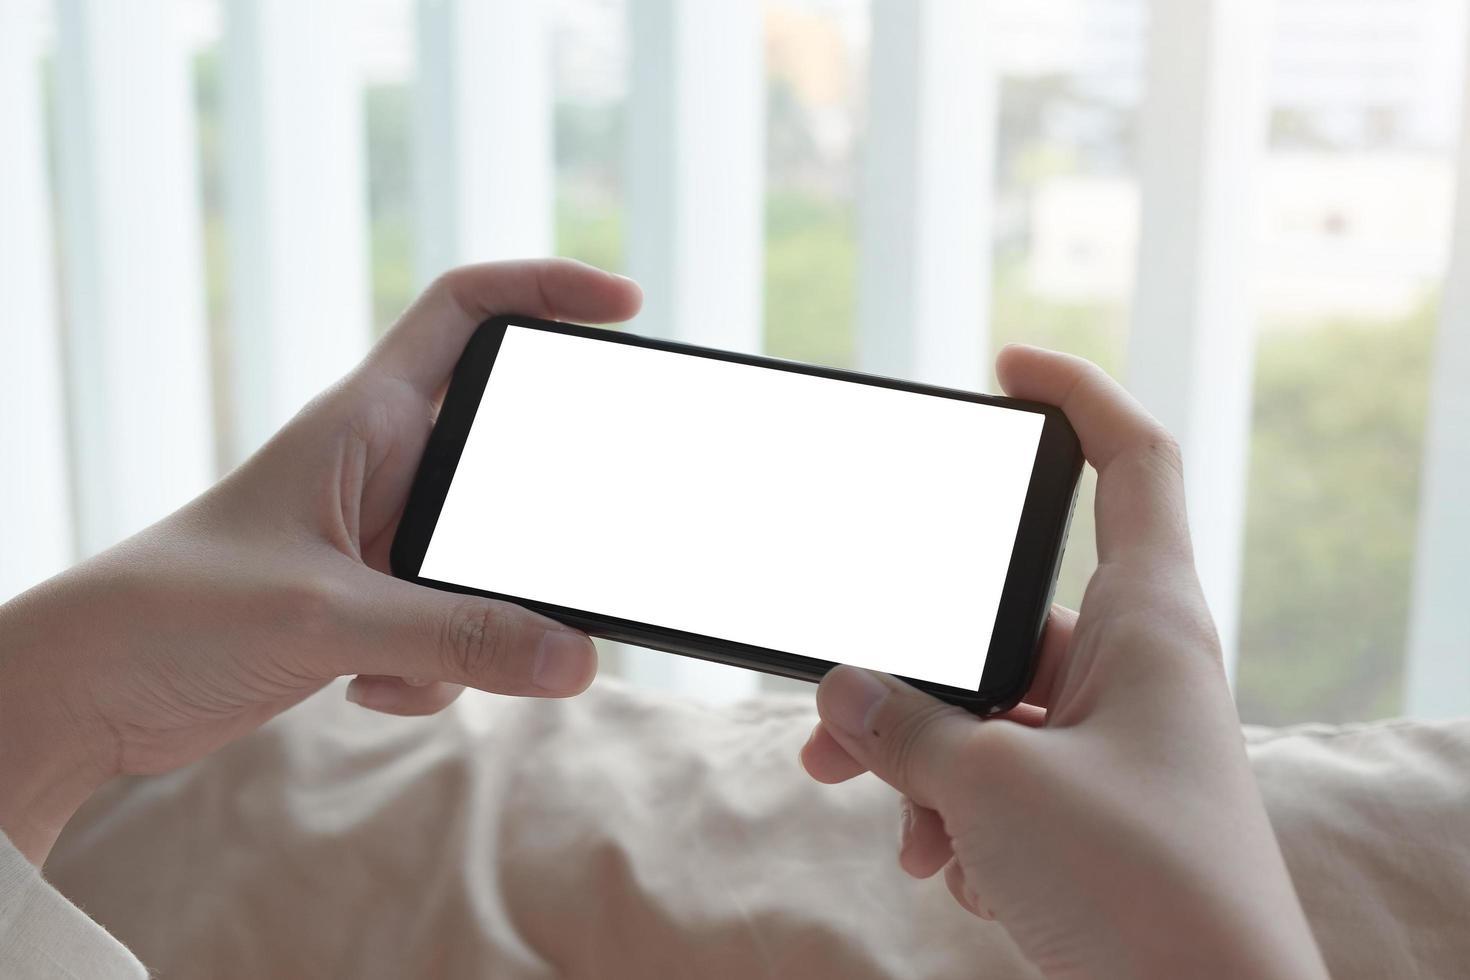 närbild av händer som håller telefonen foto